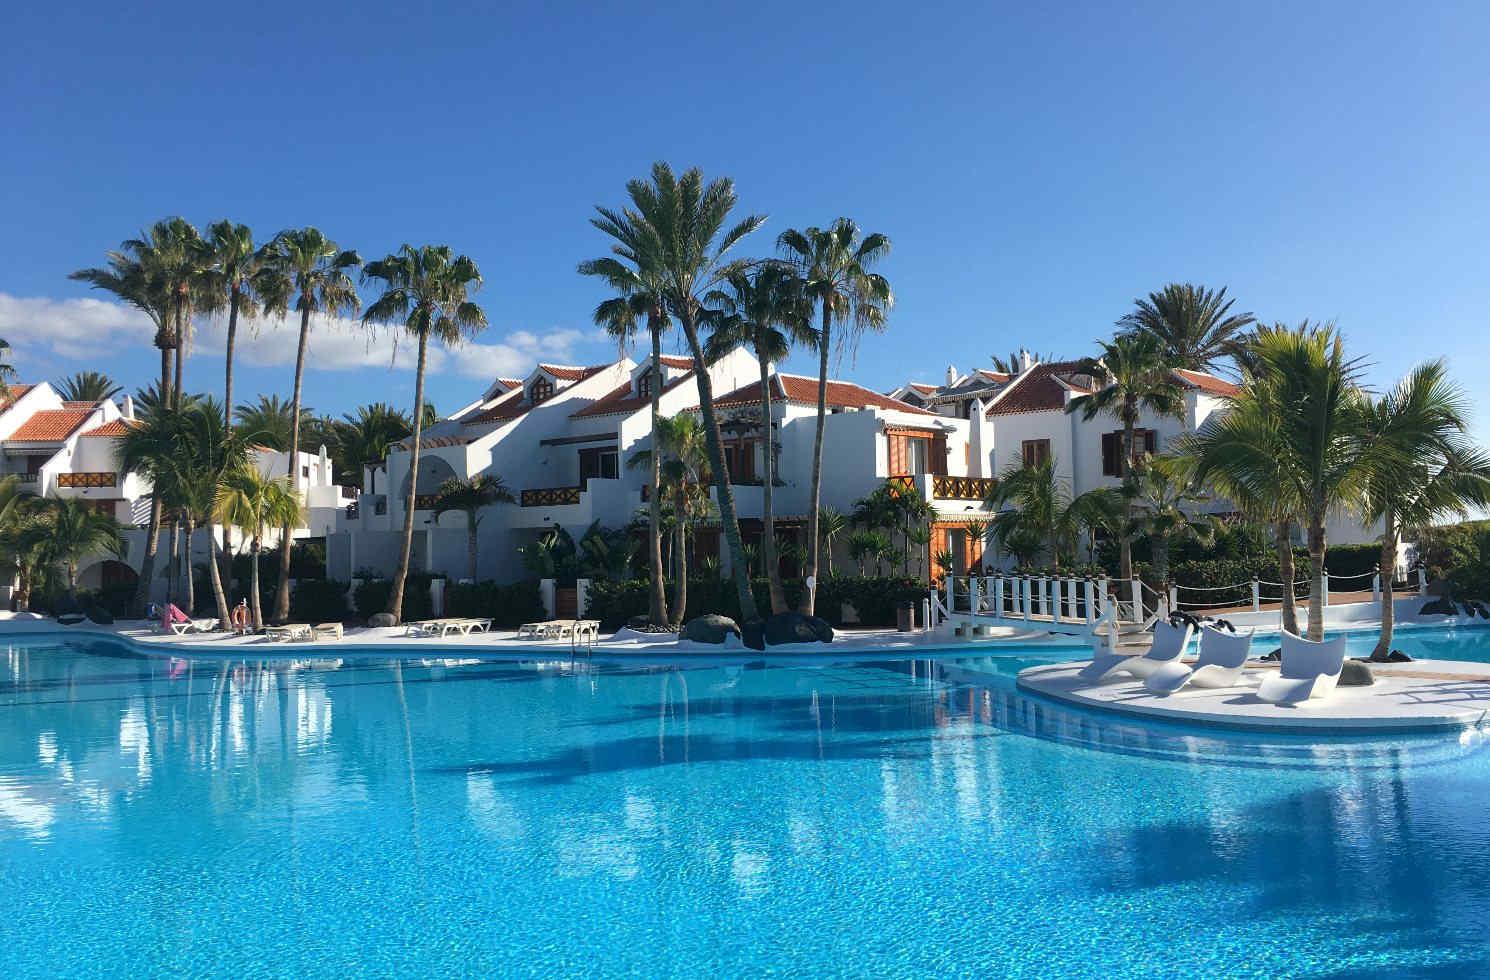 Hotelanlage auf Teneriffa, Spanien